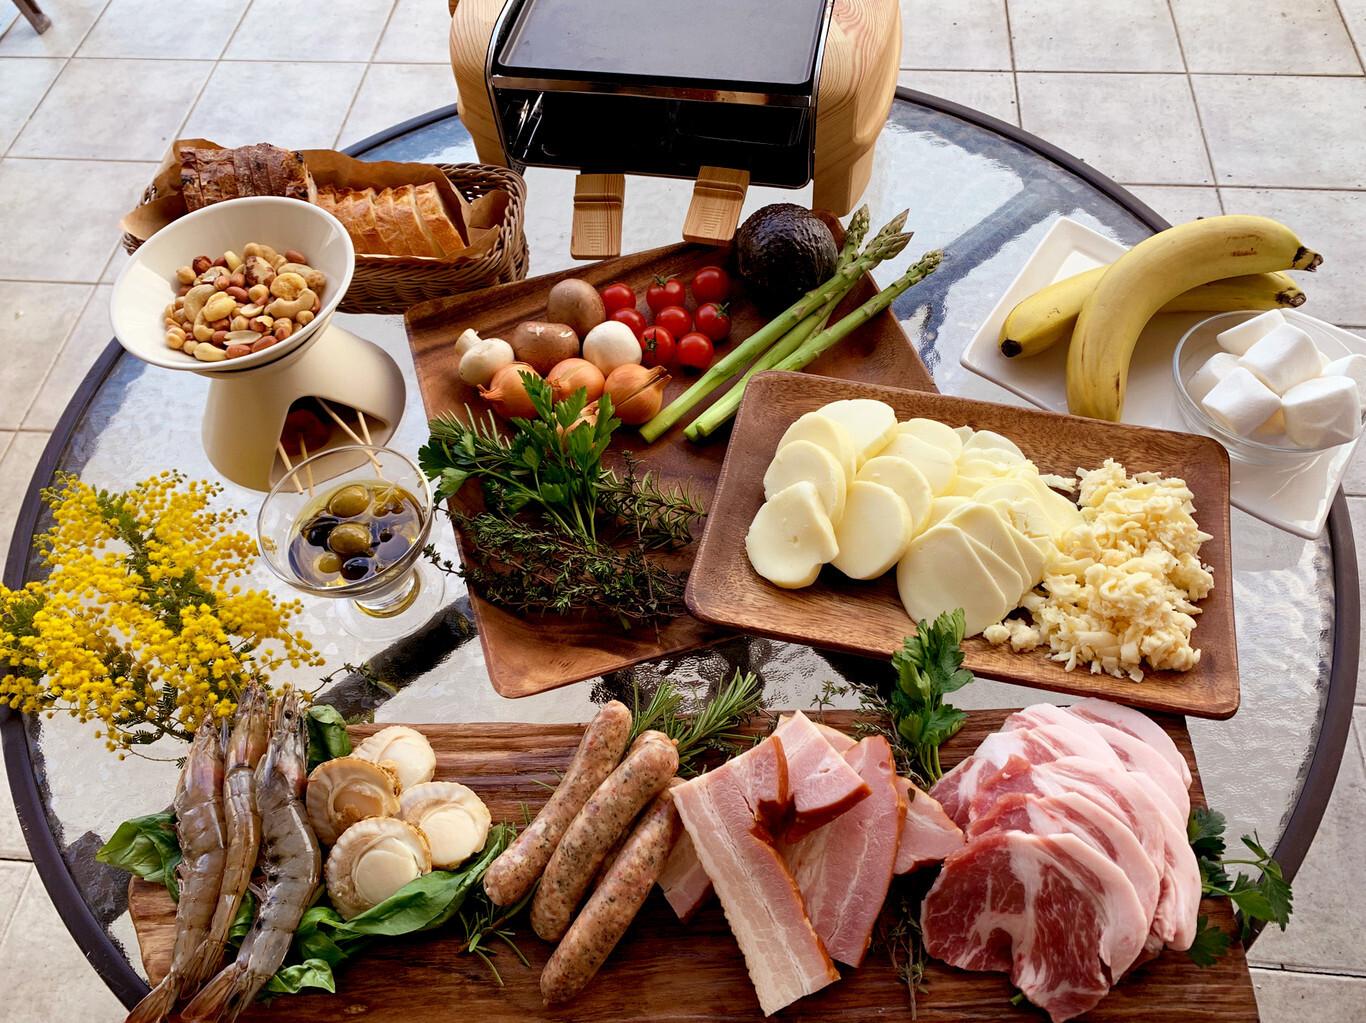 ラクレットチーズ&ワインプラン★プレミアムグランピング【1泊2食付】《なっぷ限定プラン》 画像